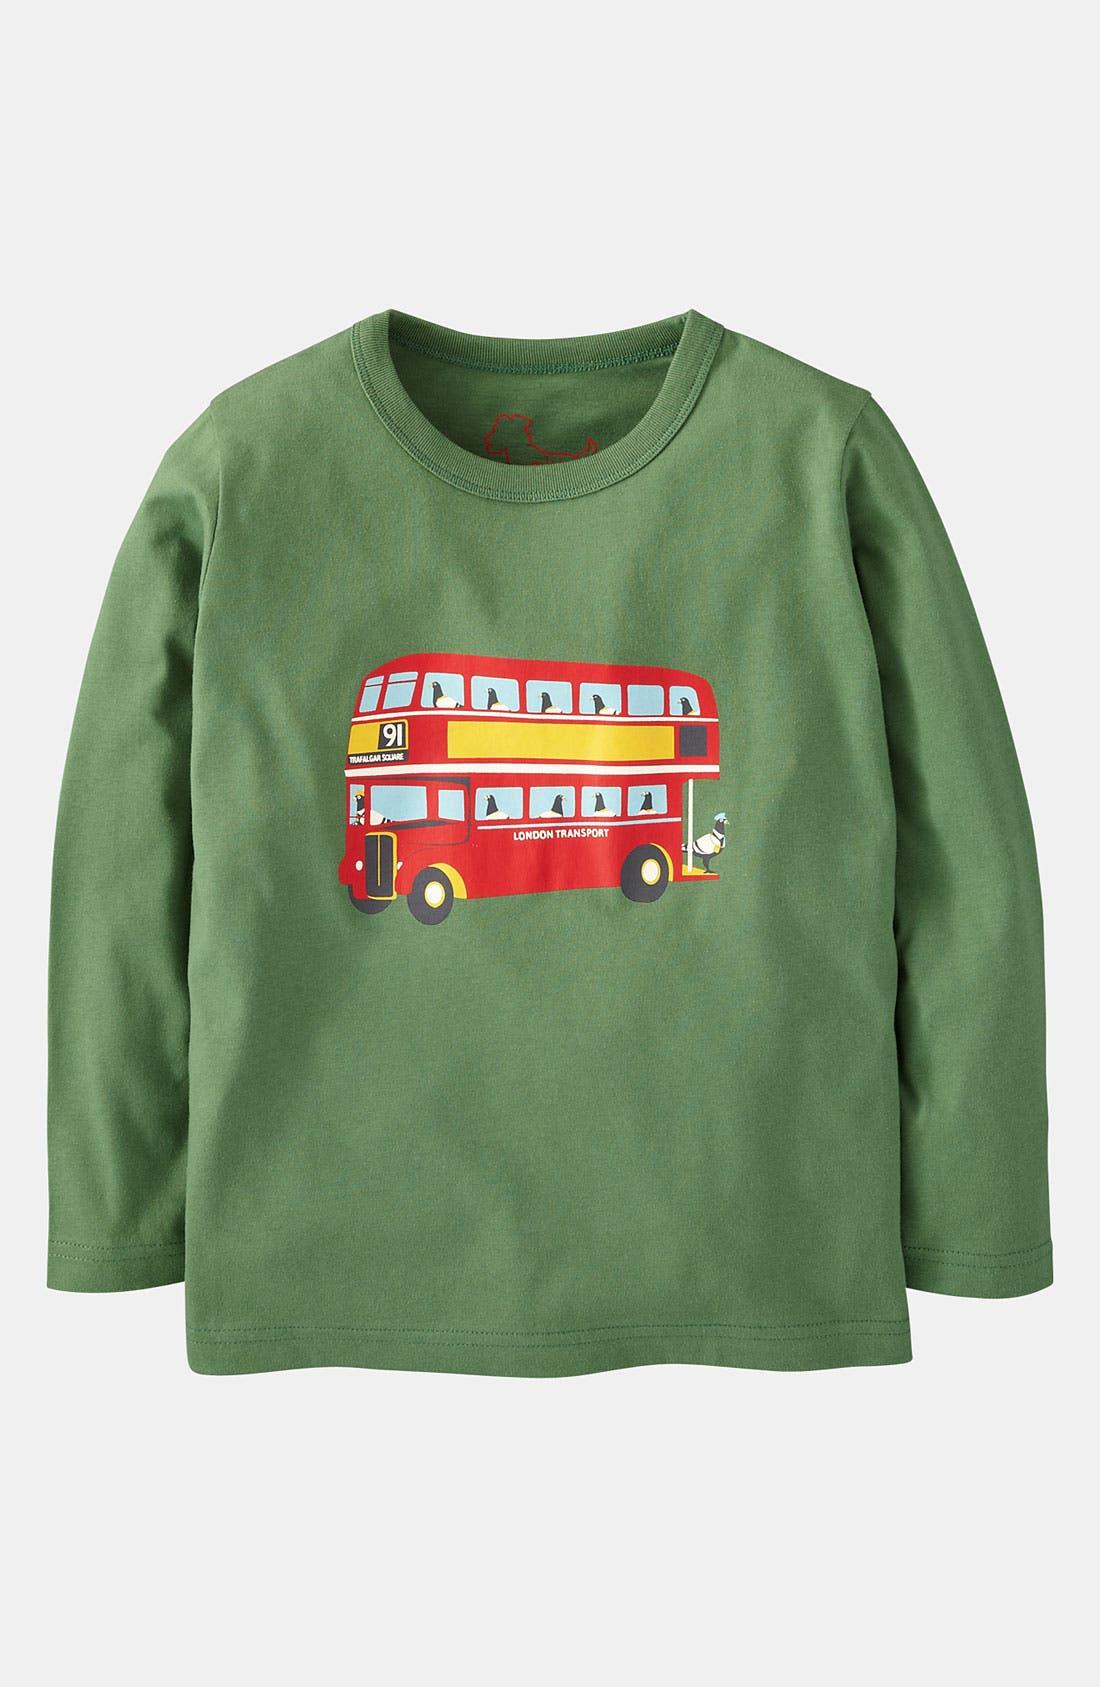 Alternate Image 1 Selected - Mini Boden 'London' T-Shirt (Toddler)